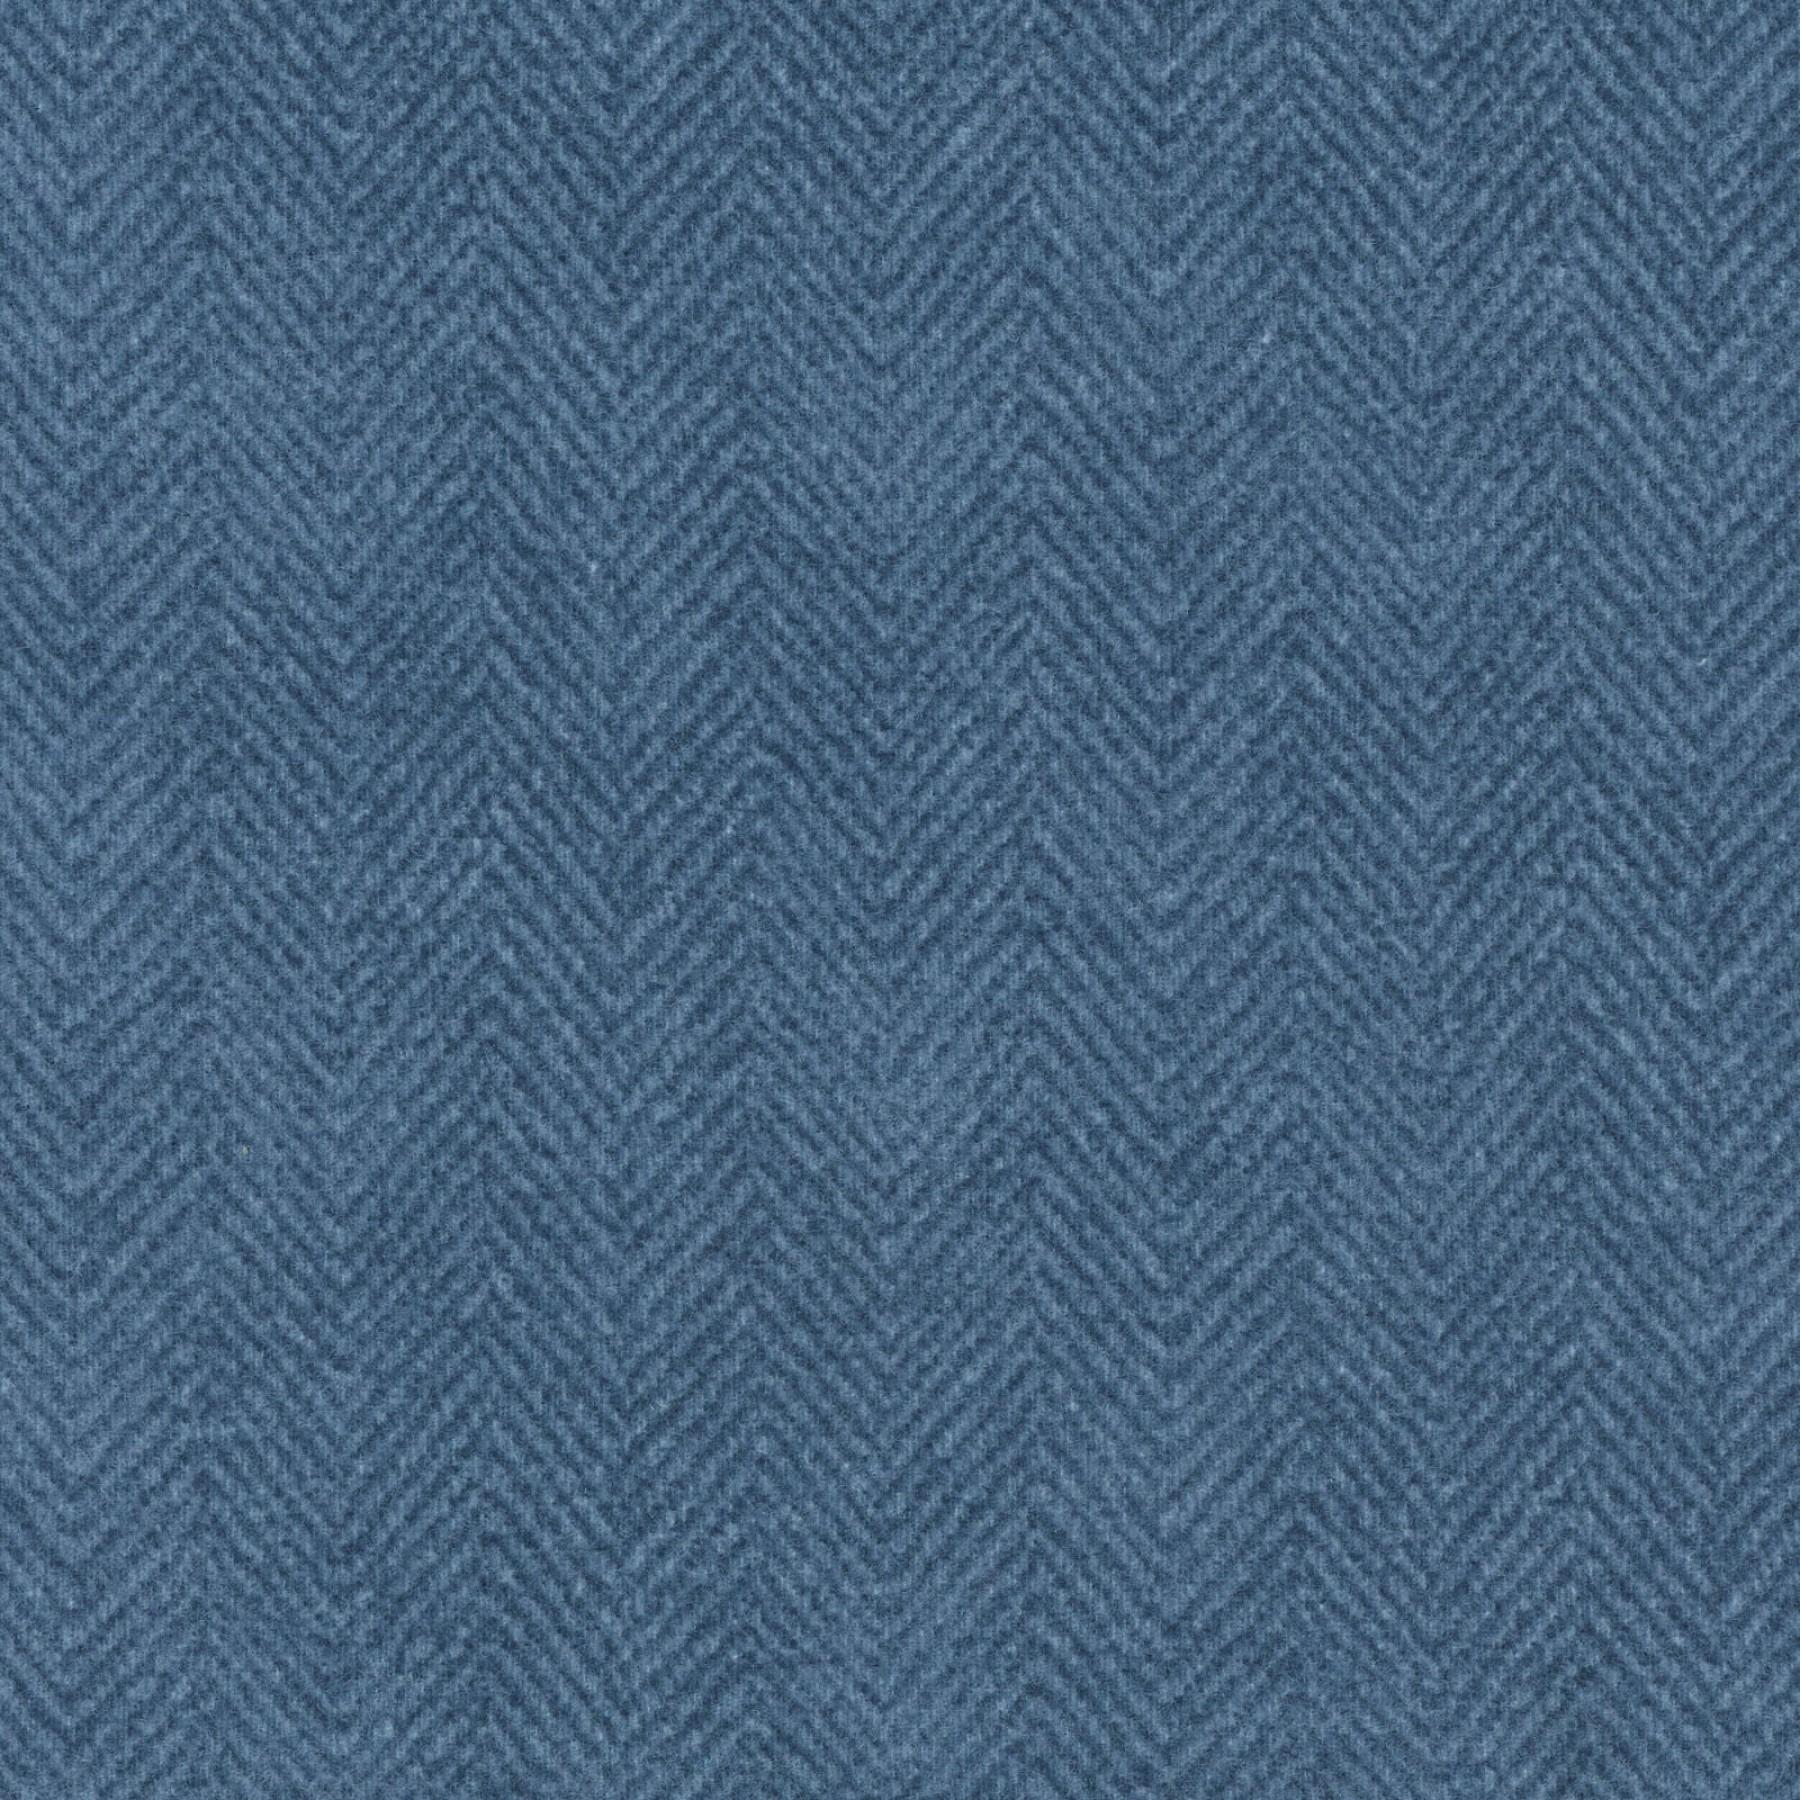 Woolies Herringbone Dusty Blue